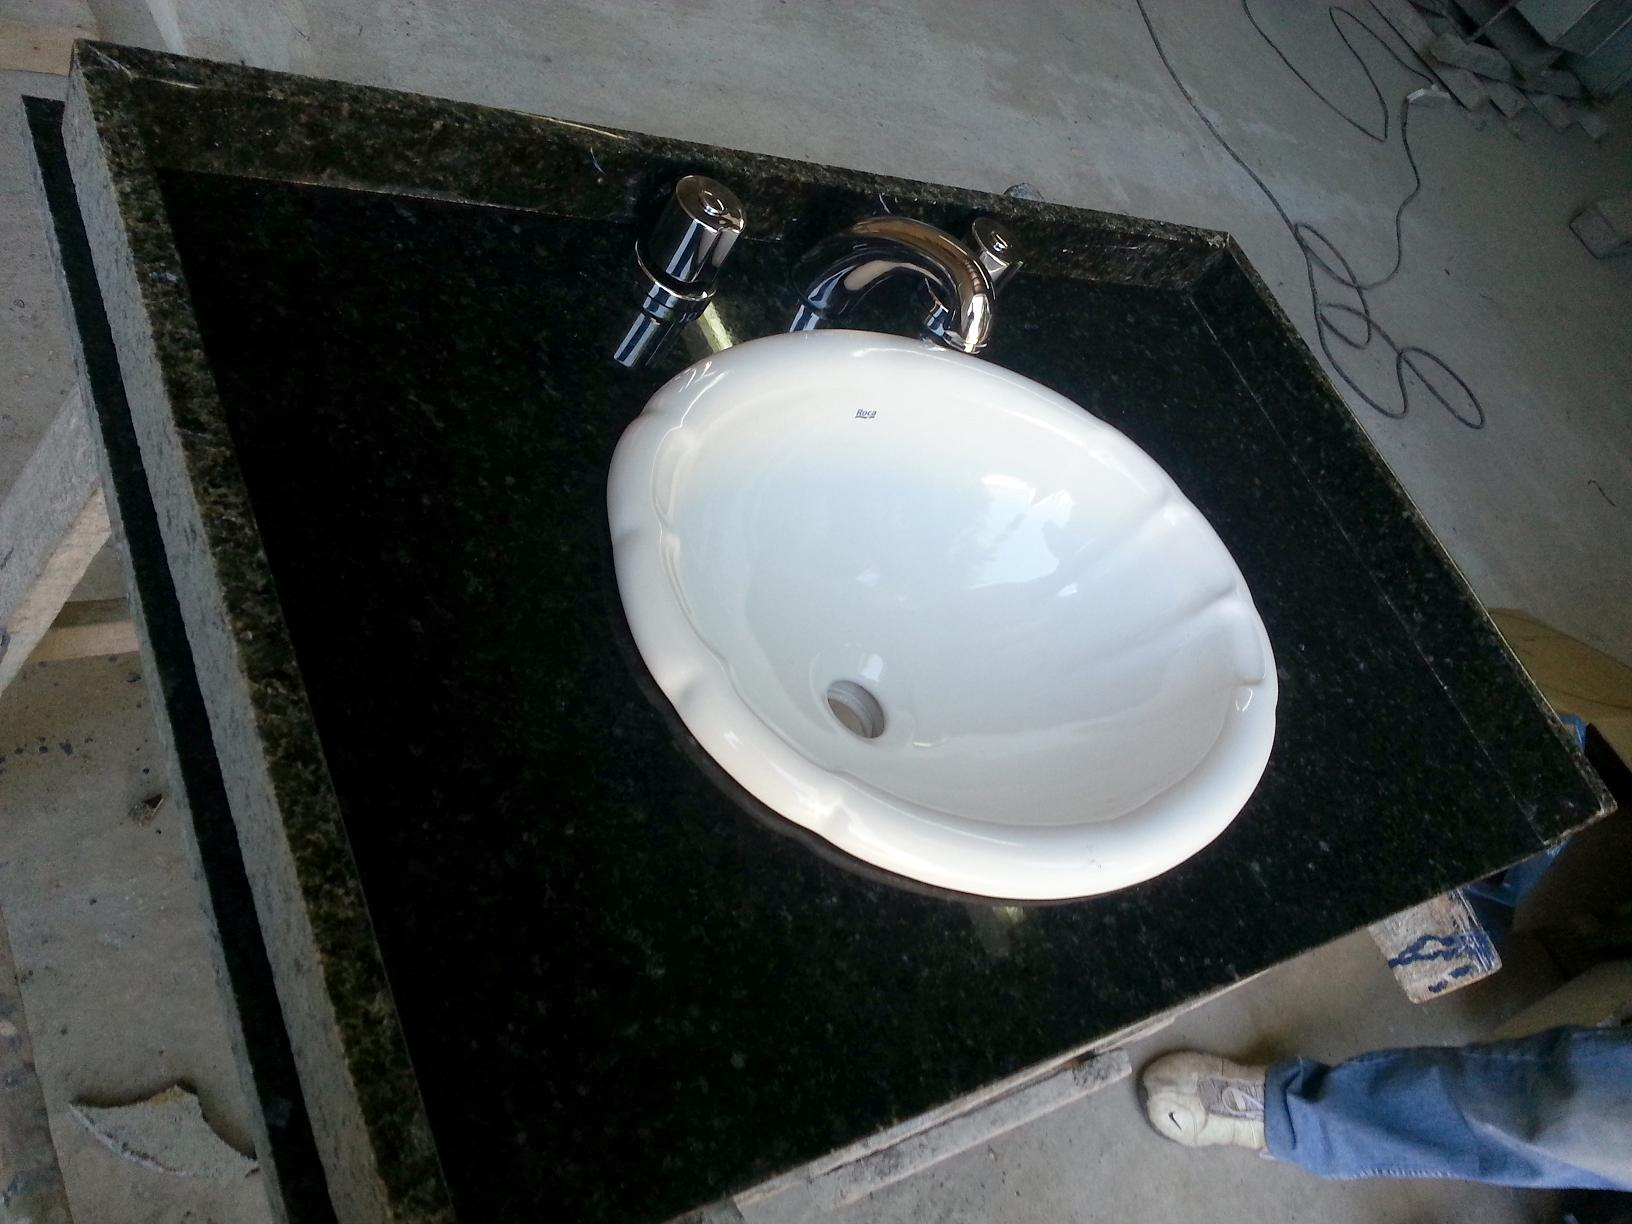 Bachas Para Baño Rosario:Mesada y bacha de ceramica colocada por arriba marca Roca Grifería a